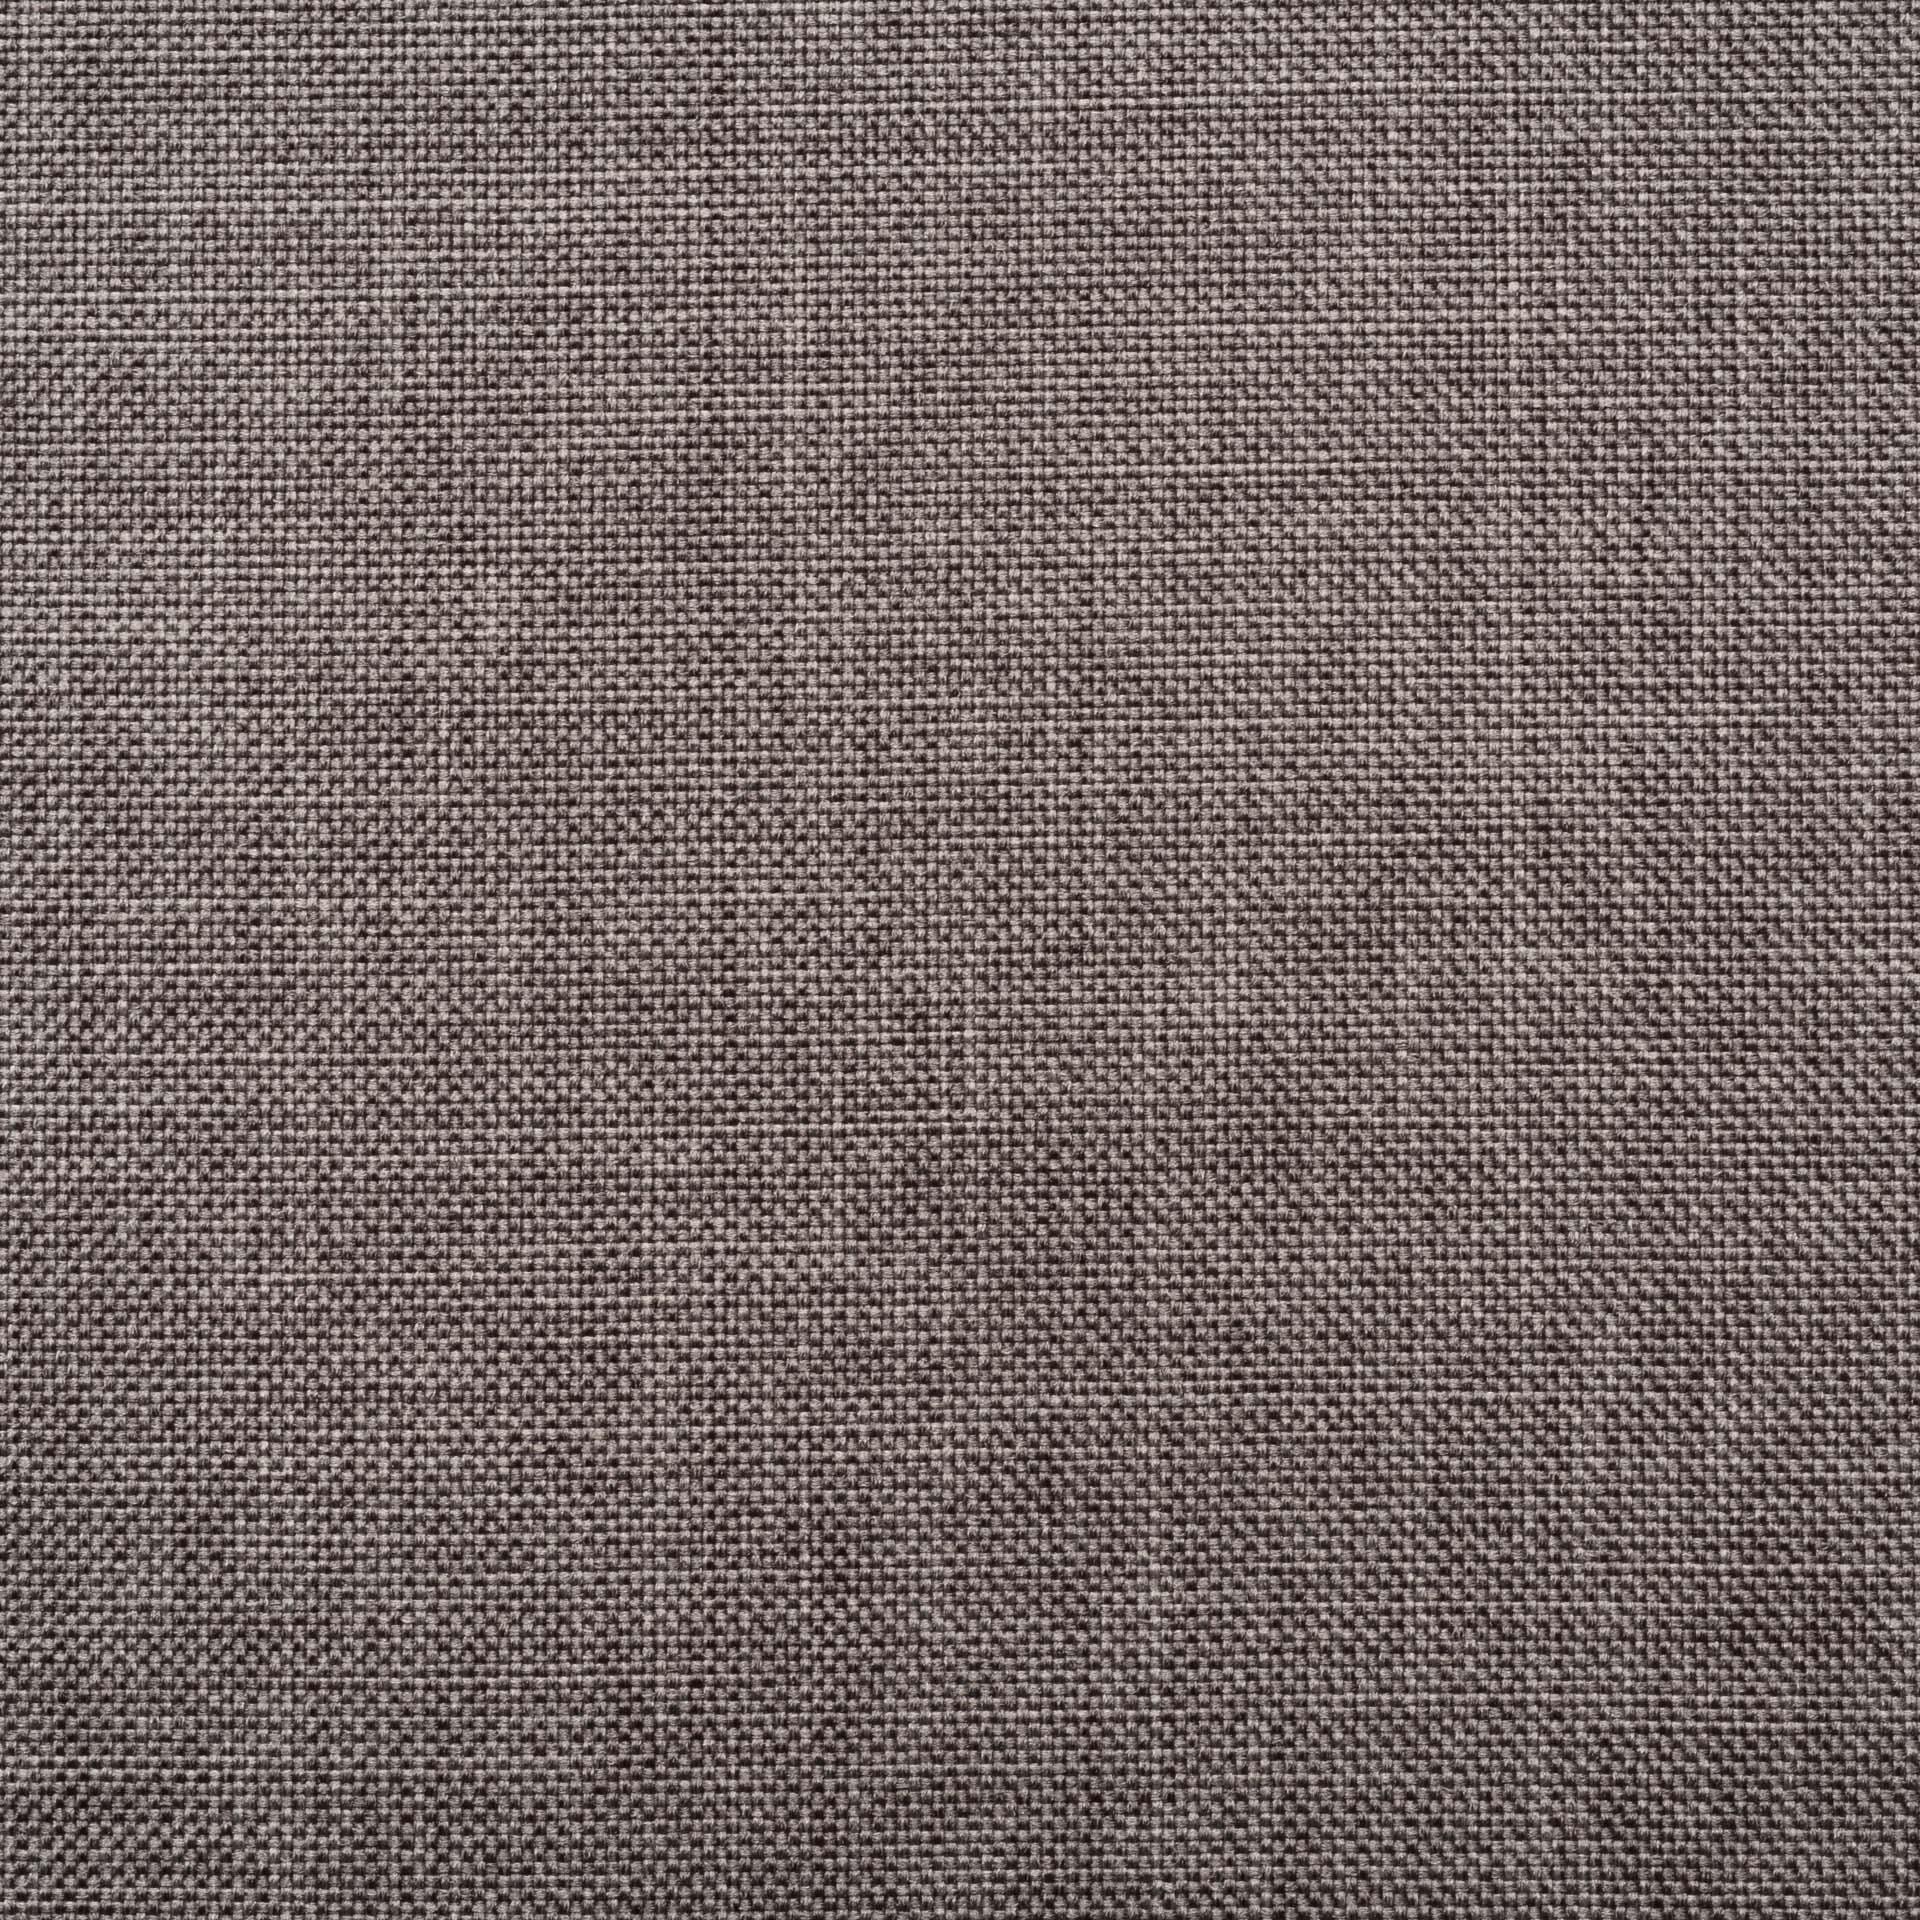 Коллекция ткани Саванна nova 05 Capuchino,  купить ткань Жаккард для мебели Украина